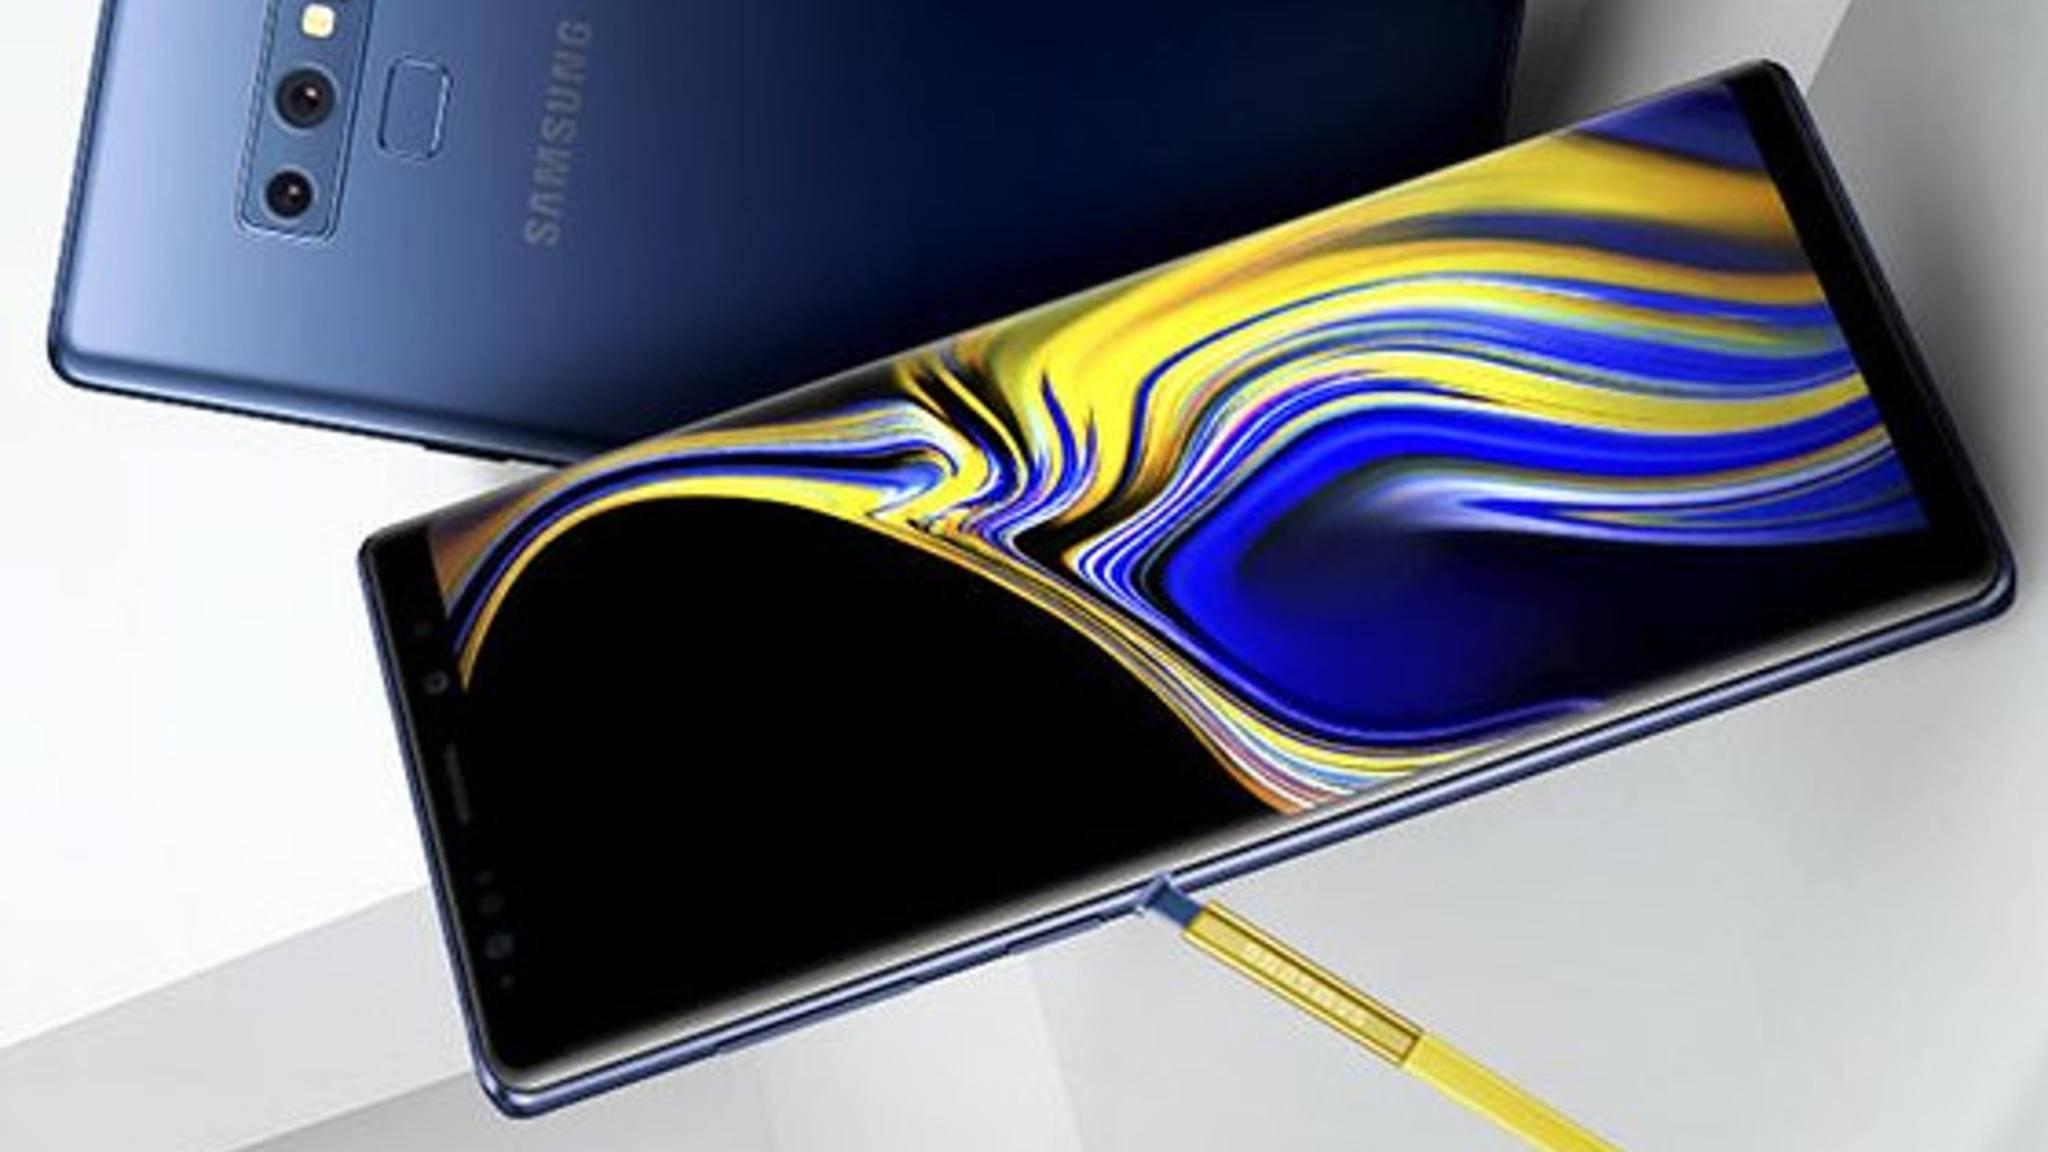 Das Galaxy Note 9 wird bereits am 9. August offiziell vorgestellt.